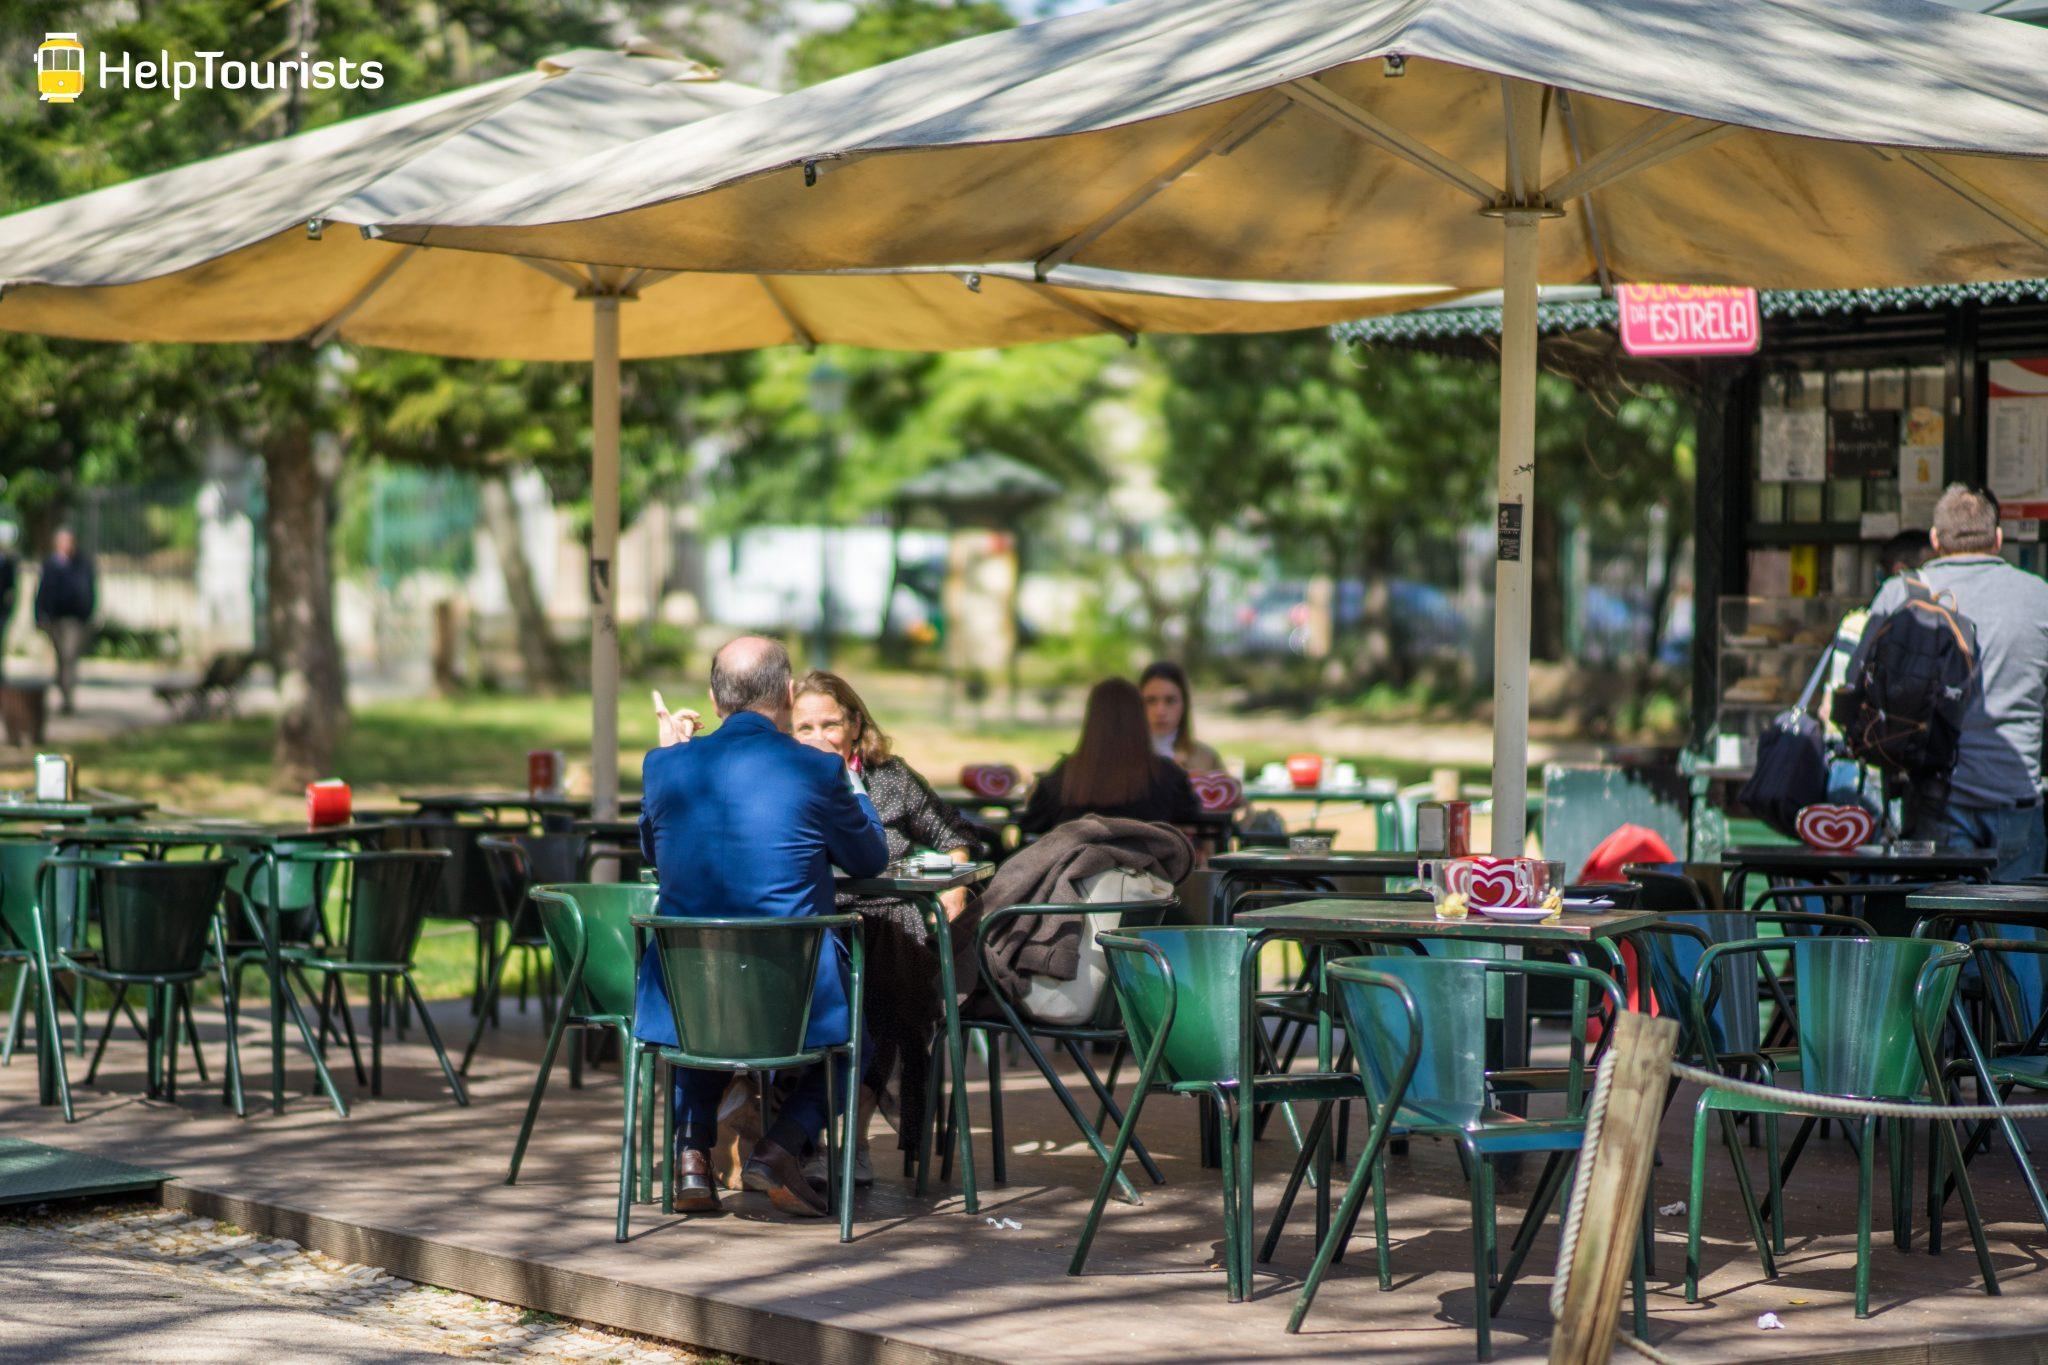 Lissabon_Jardim-da-Estrela_Cafe_03